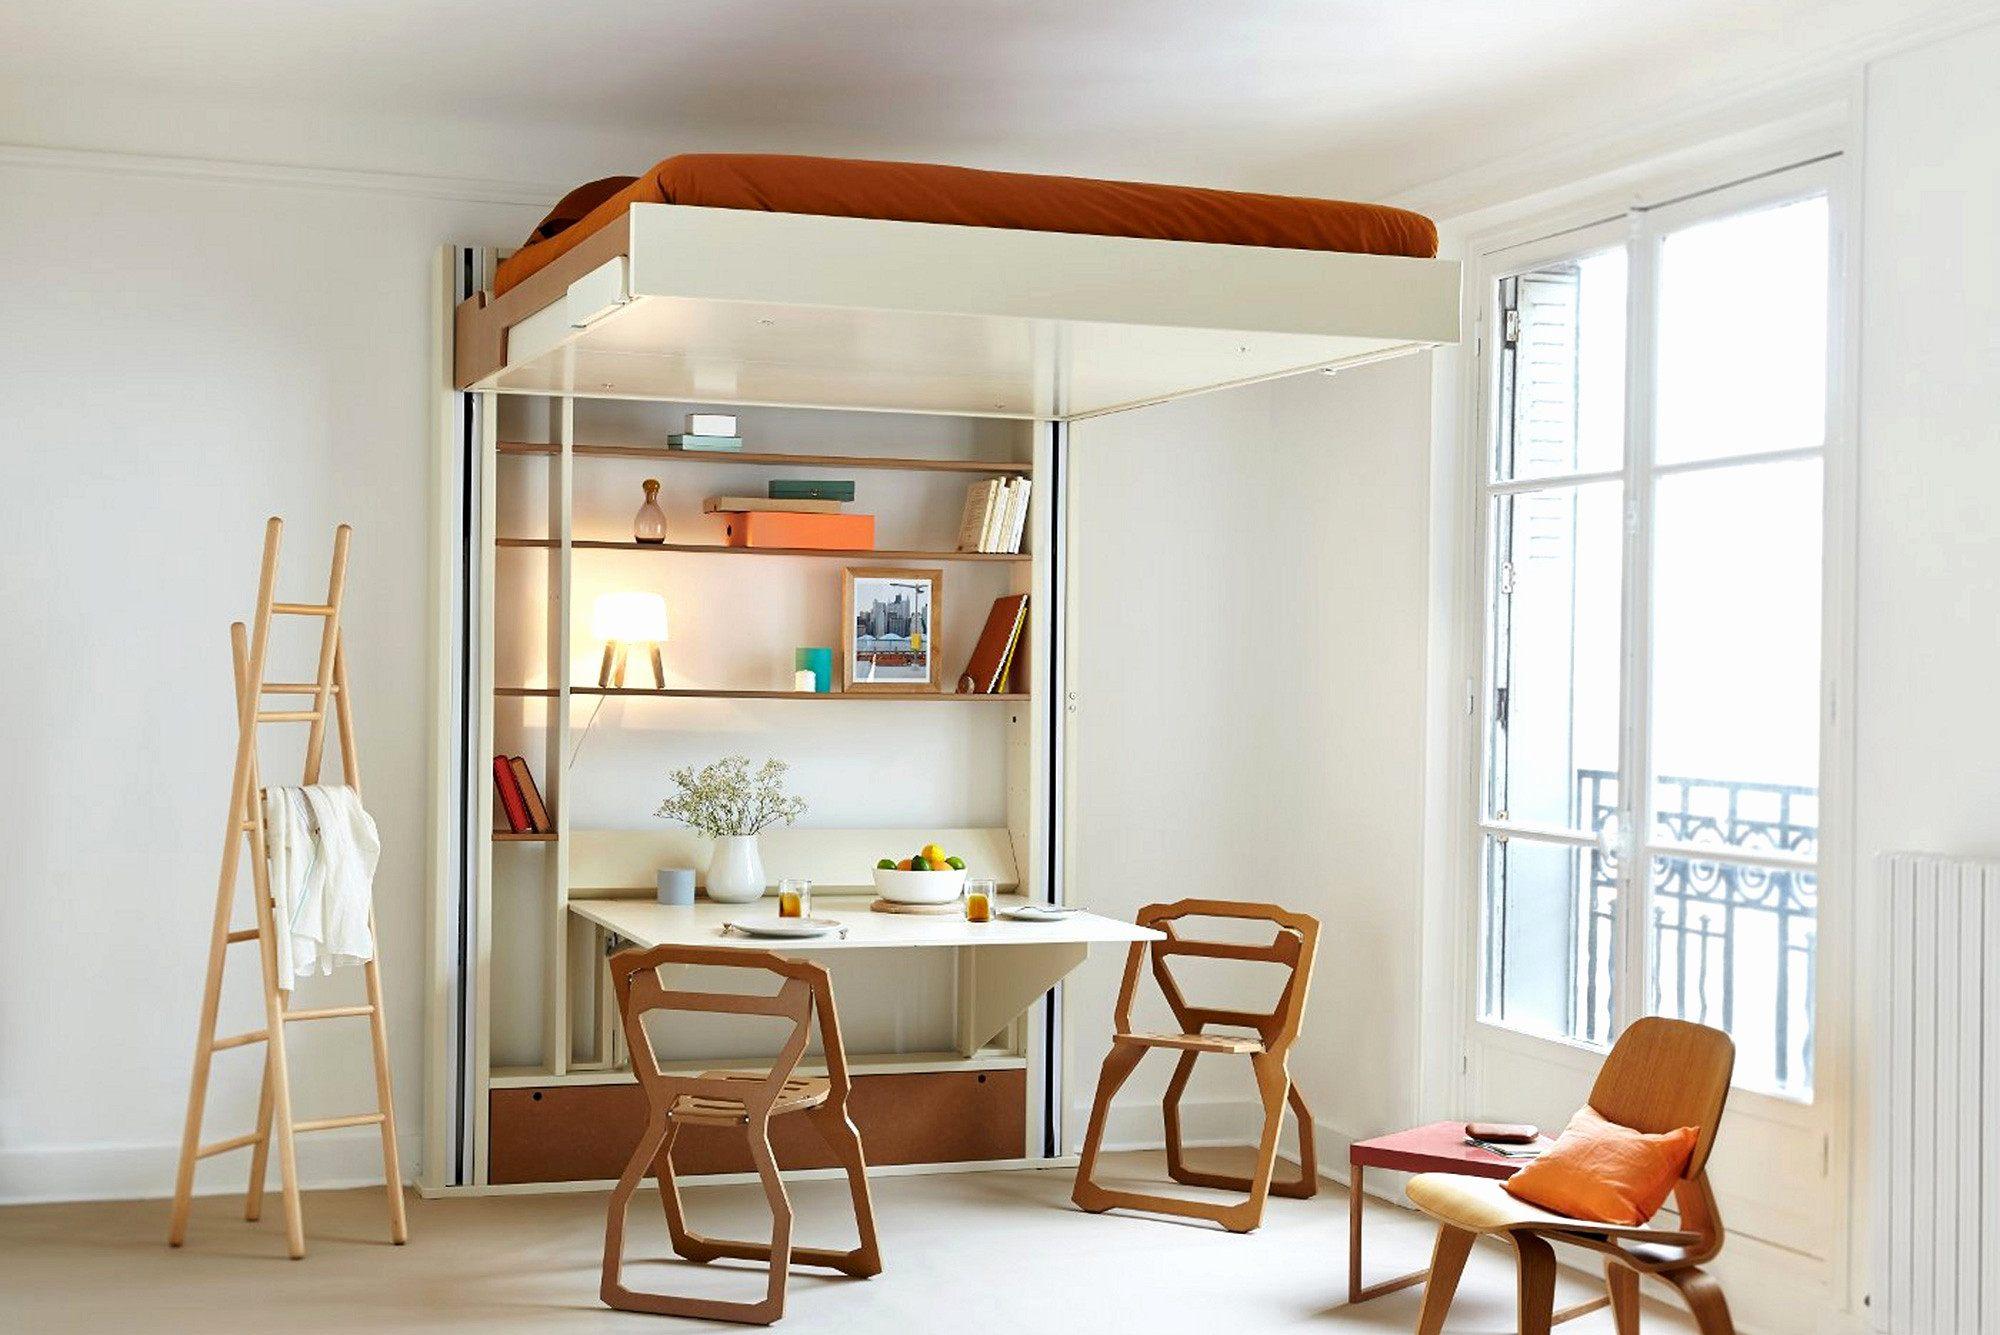 Lit Escamotable Ikea Élégant source D Inspiration Lit Meuble Escamotable Beau Armoire Alinea 0d